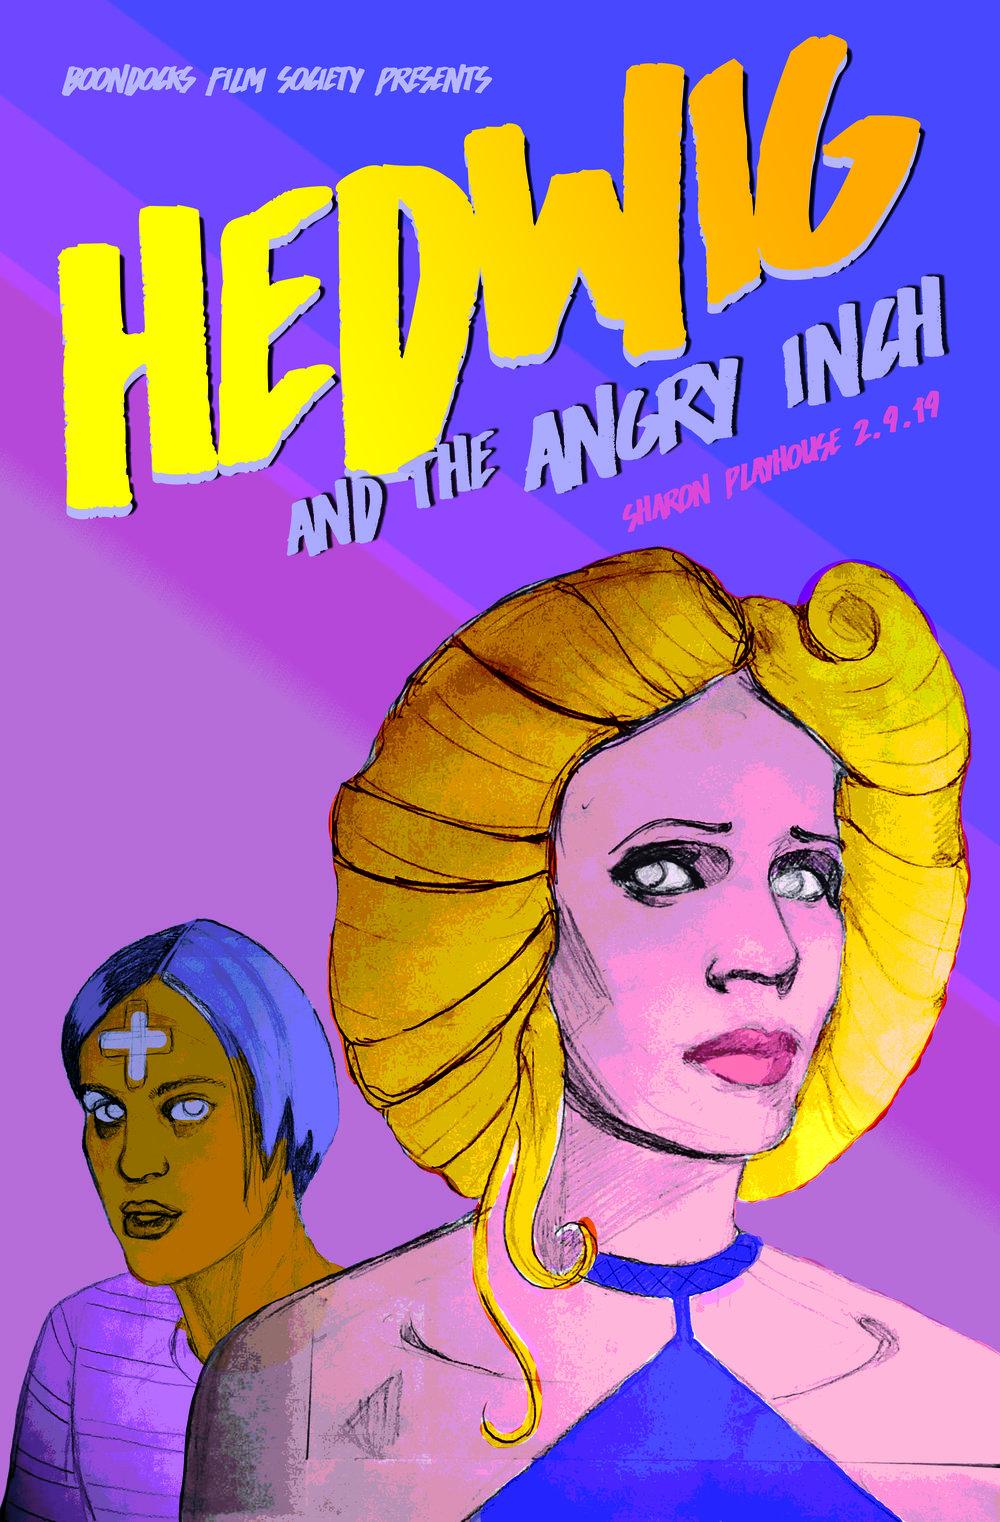 Hedwig at Sharon Playhouse